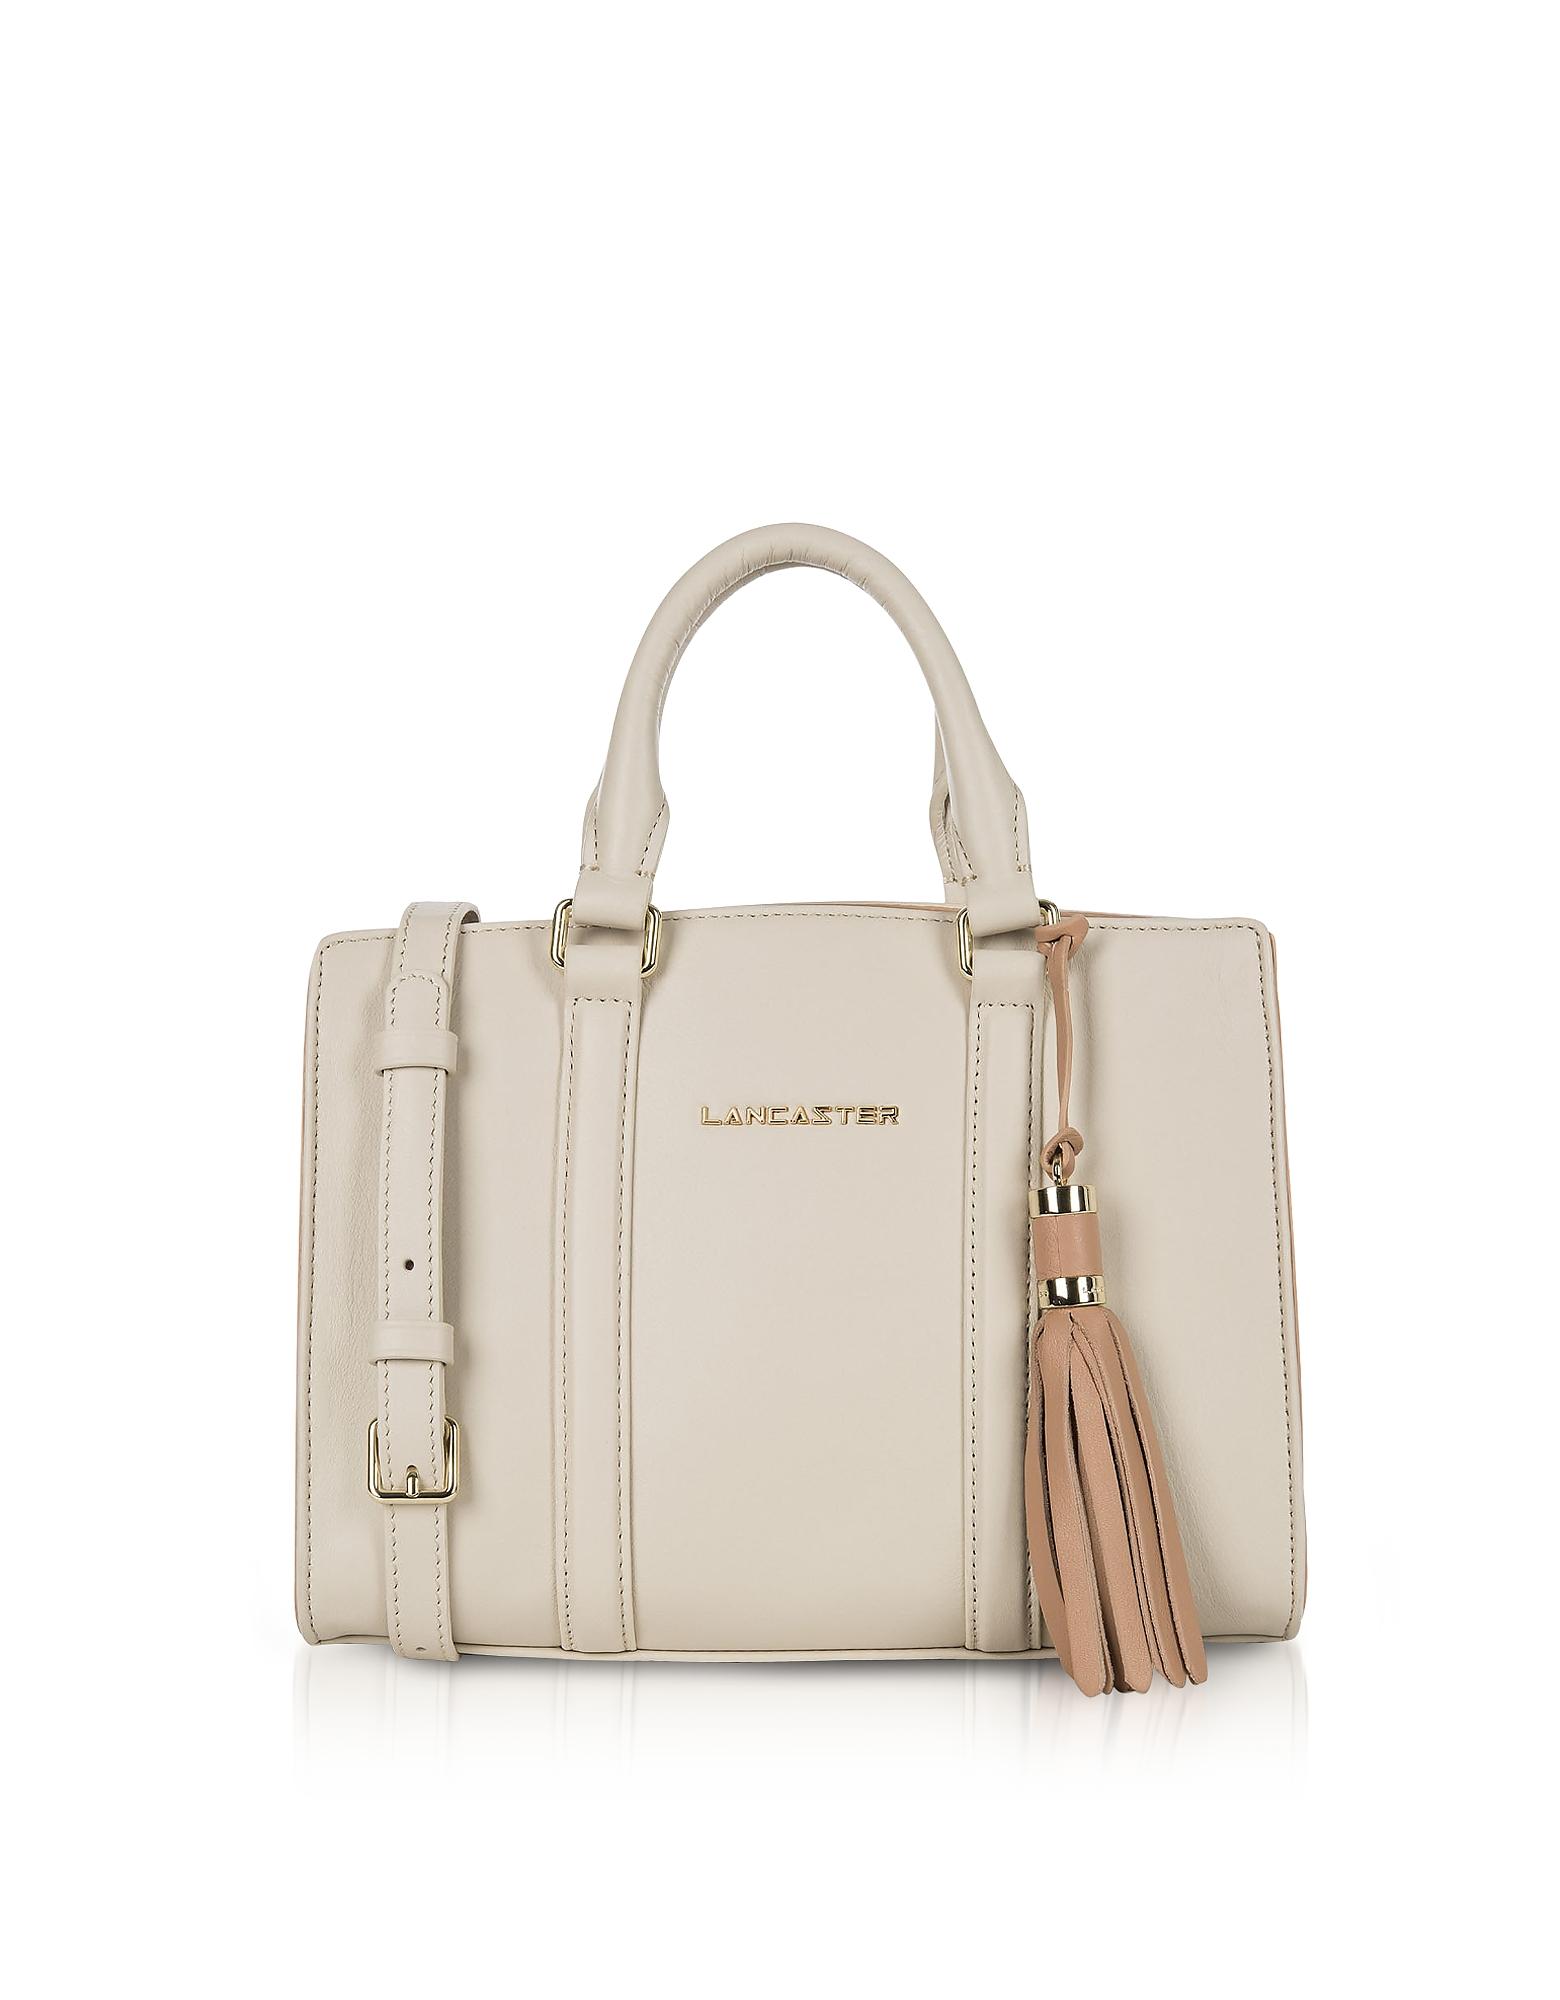 Lancaster Paris Handbags, Mademoiselle Ana Beige/Nude Leather Small Satchel Bag